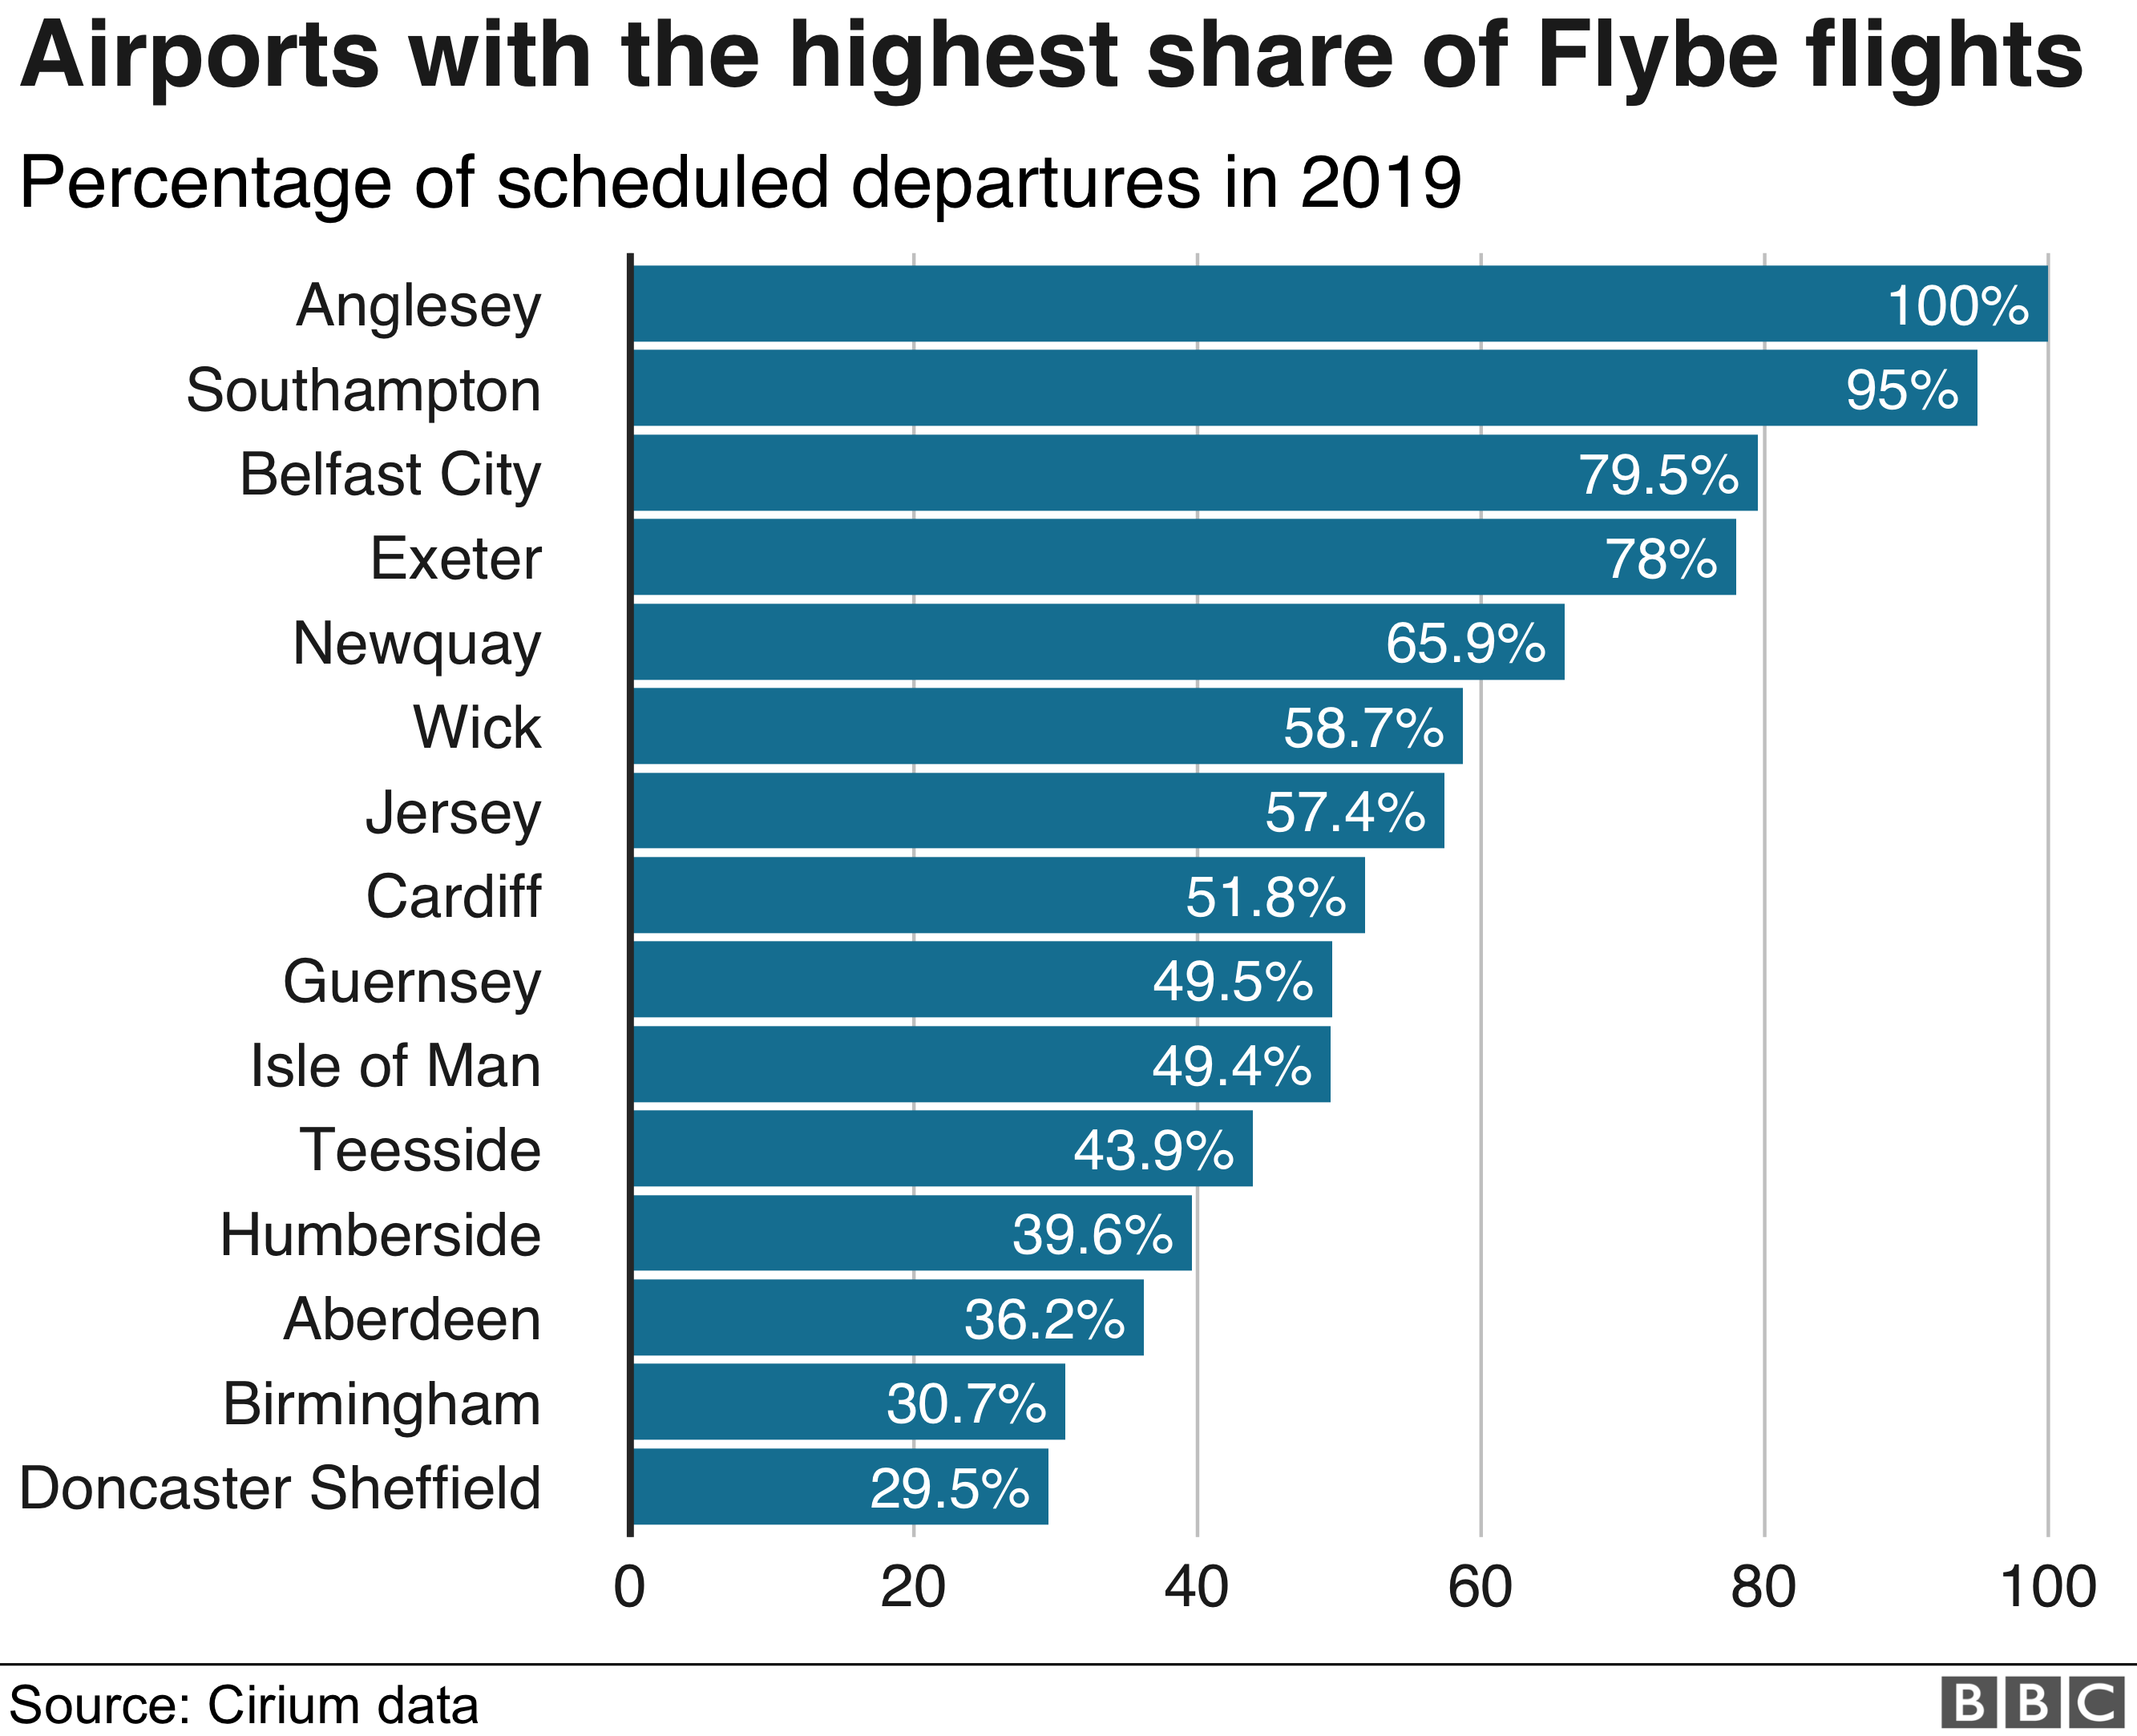 Flybe flight share